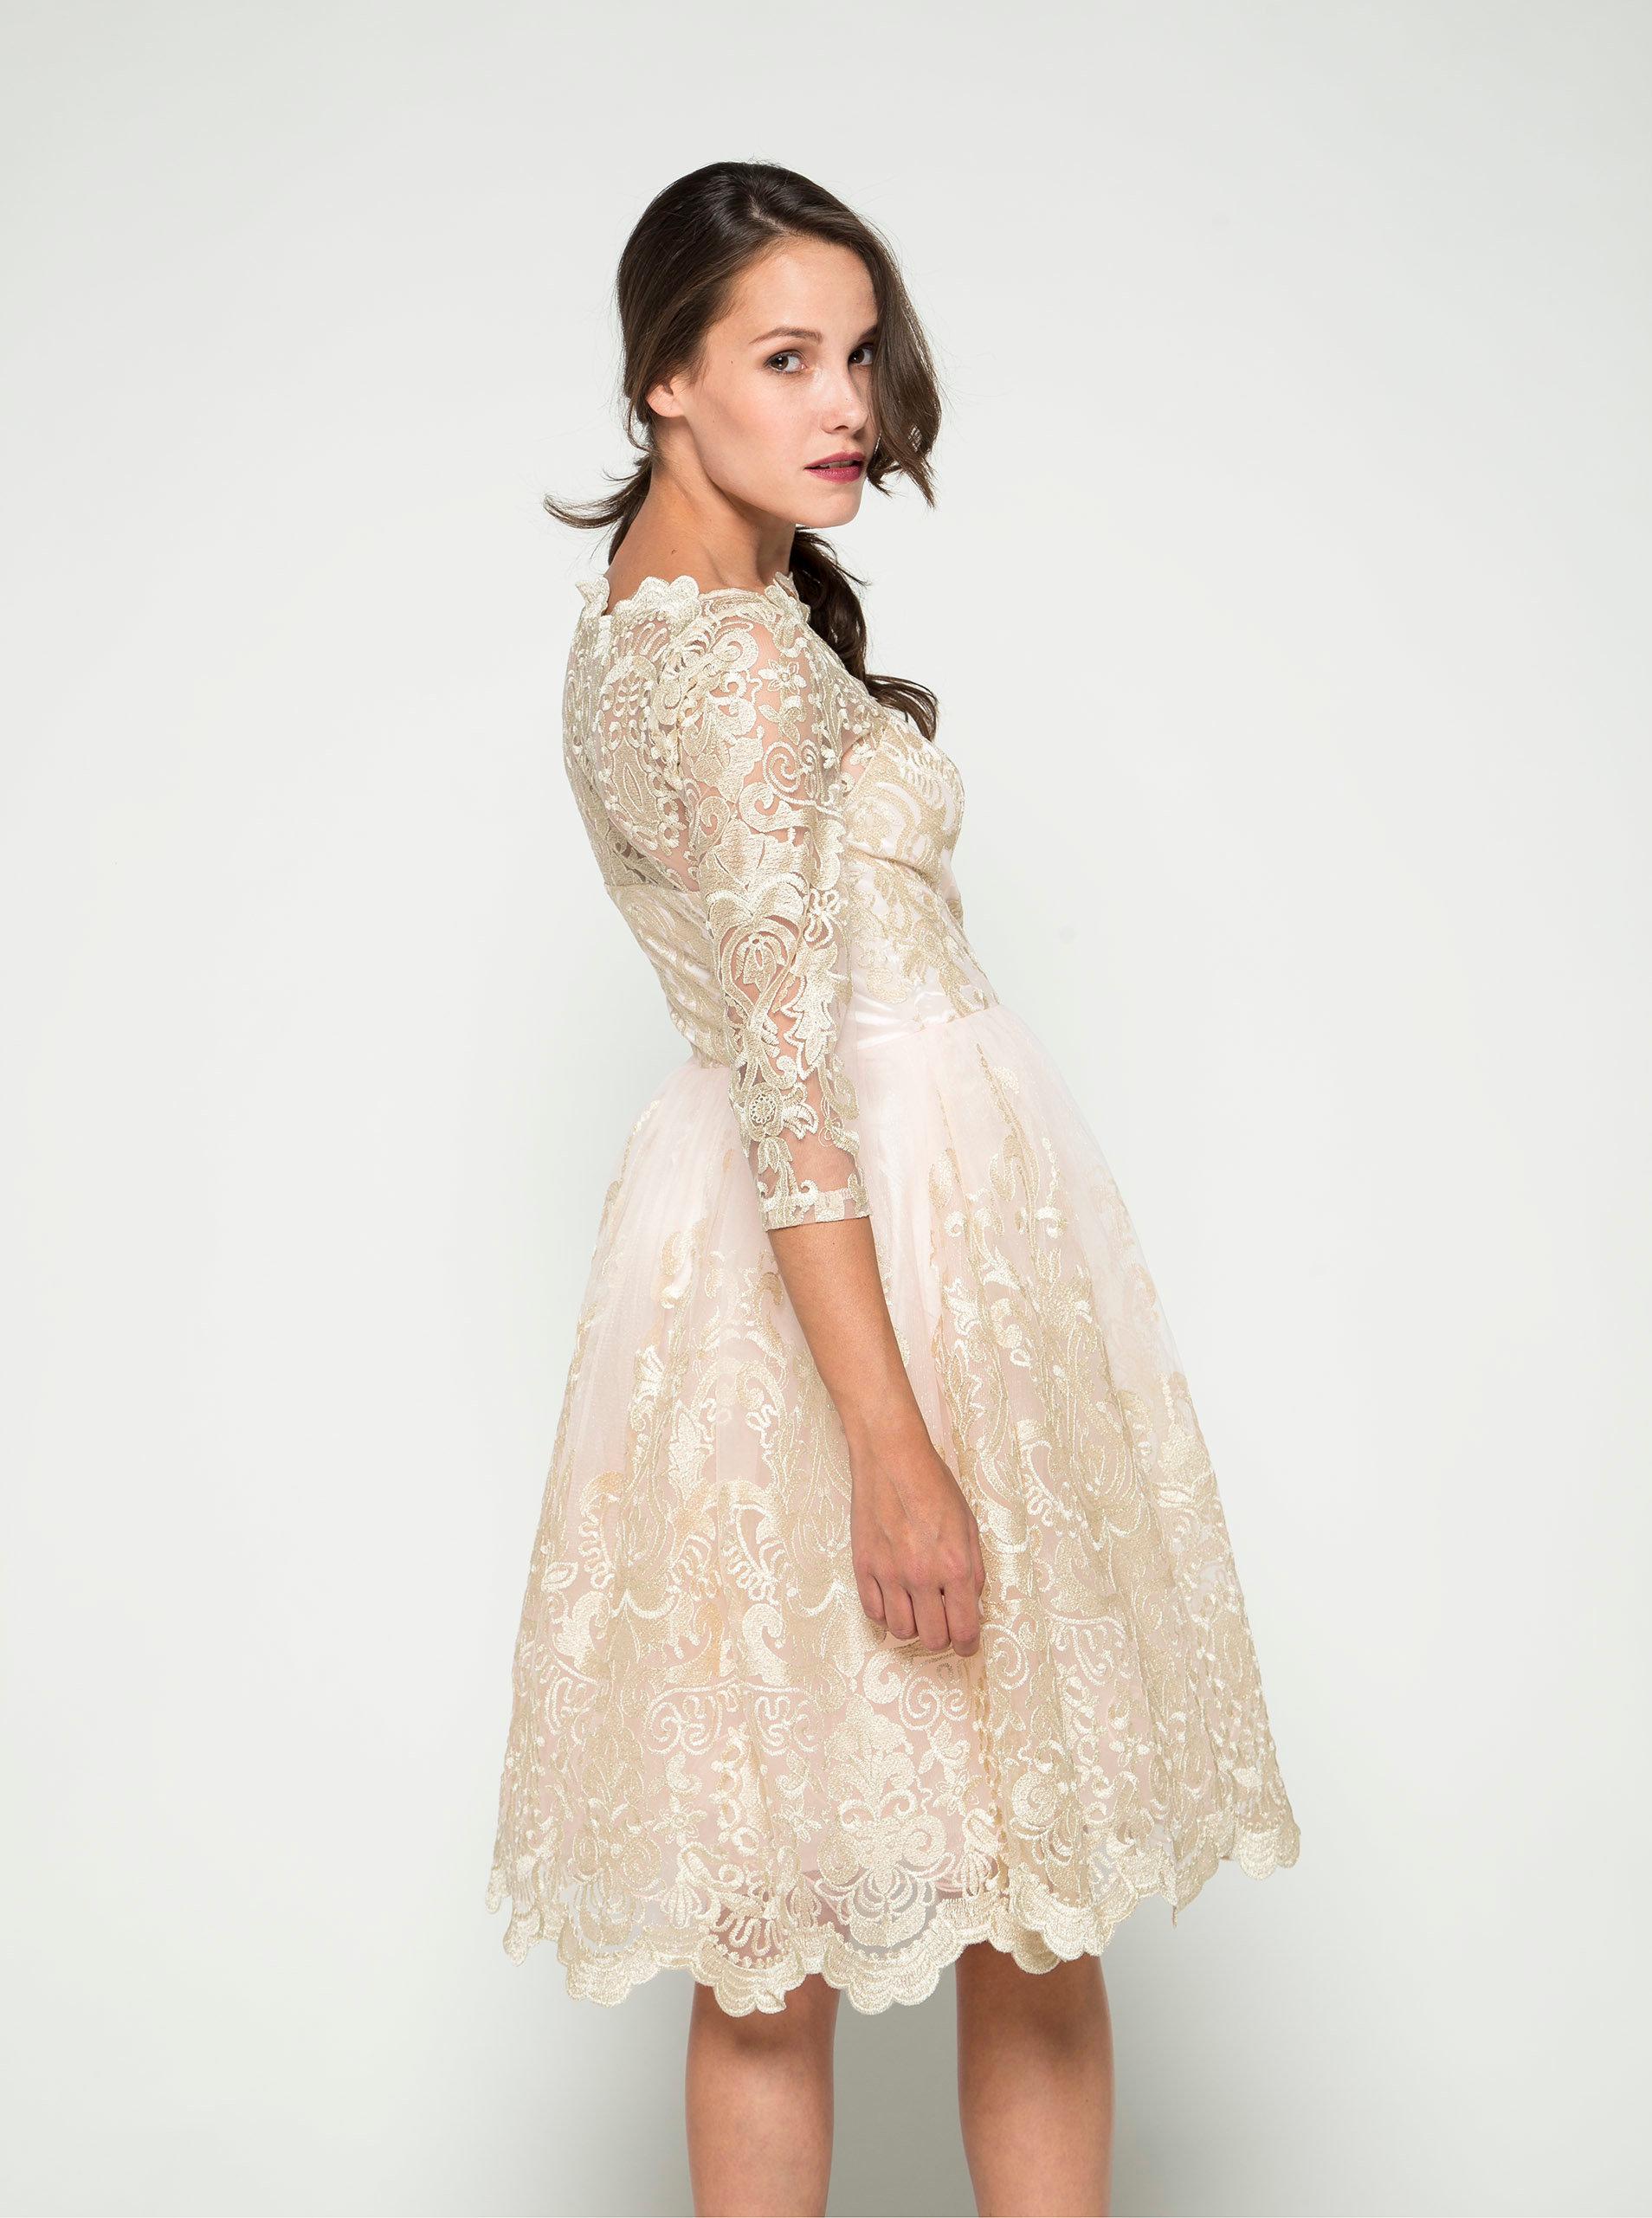 d8665ad0c7cd Světle růžové krajkové šaty s 3 4 rukávy Chi Chi London ...